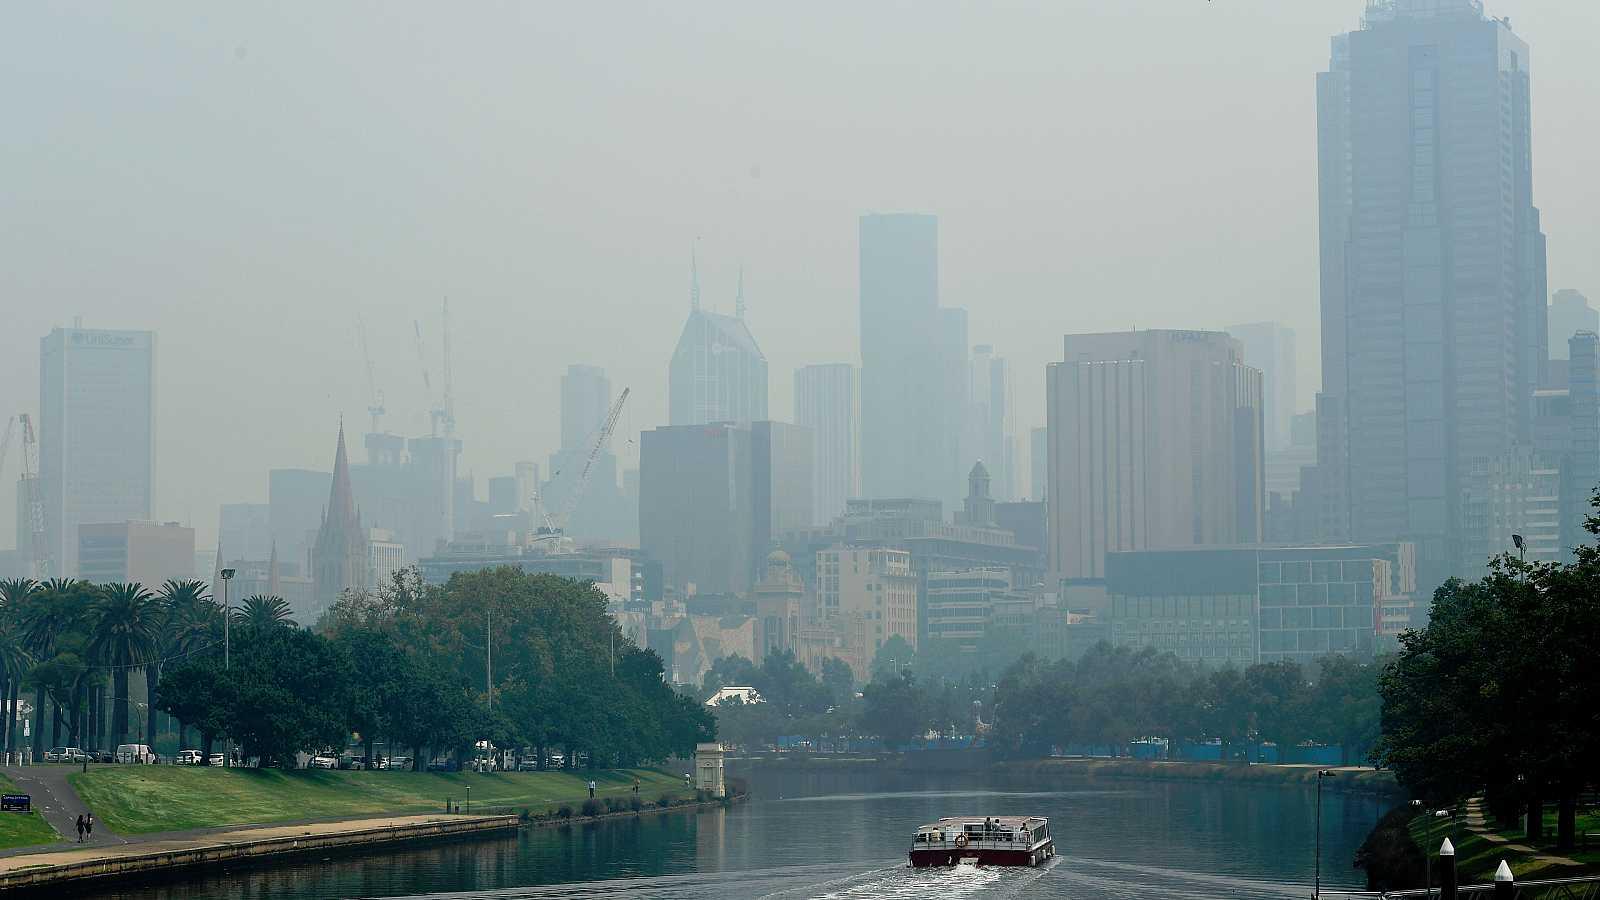 La ciudad australiana de Melbourne aparece estos días cubierta por una espesa cortina de humo.